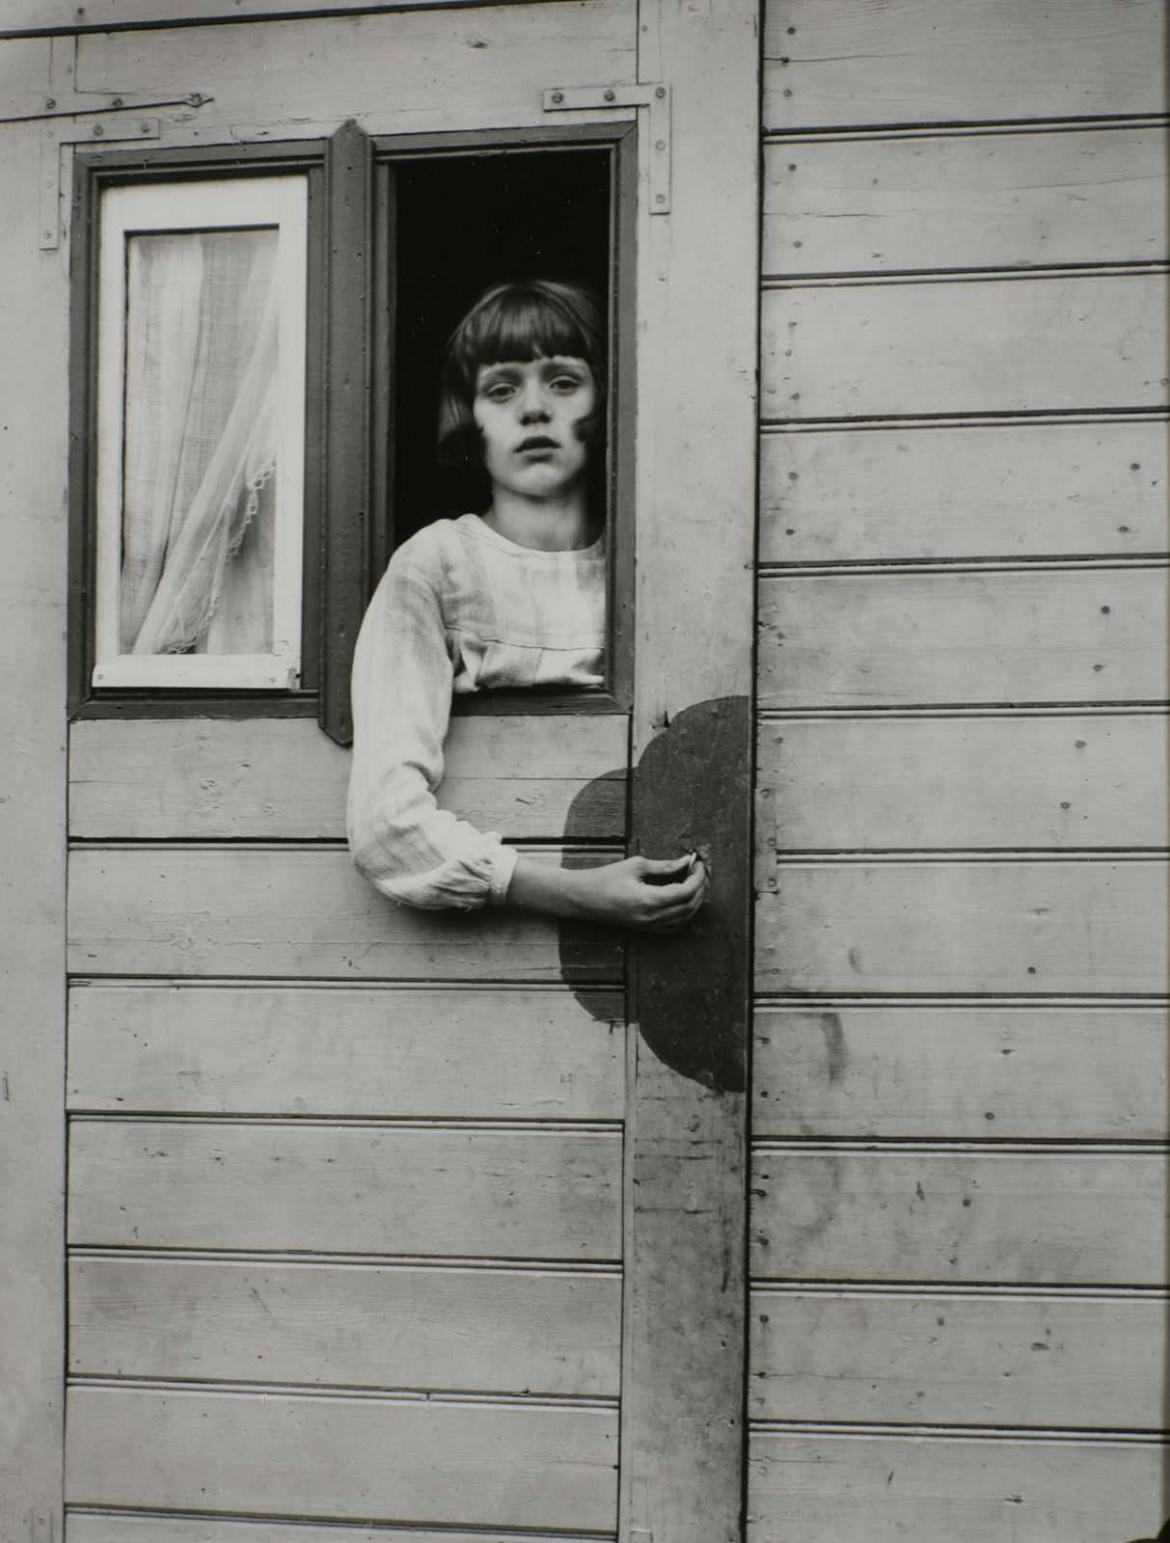 Sirk karavanında bir kız, fotoğraf August Sander